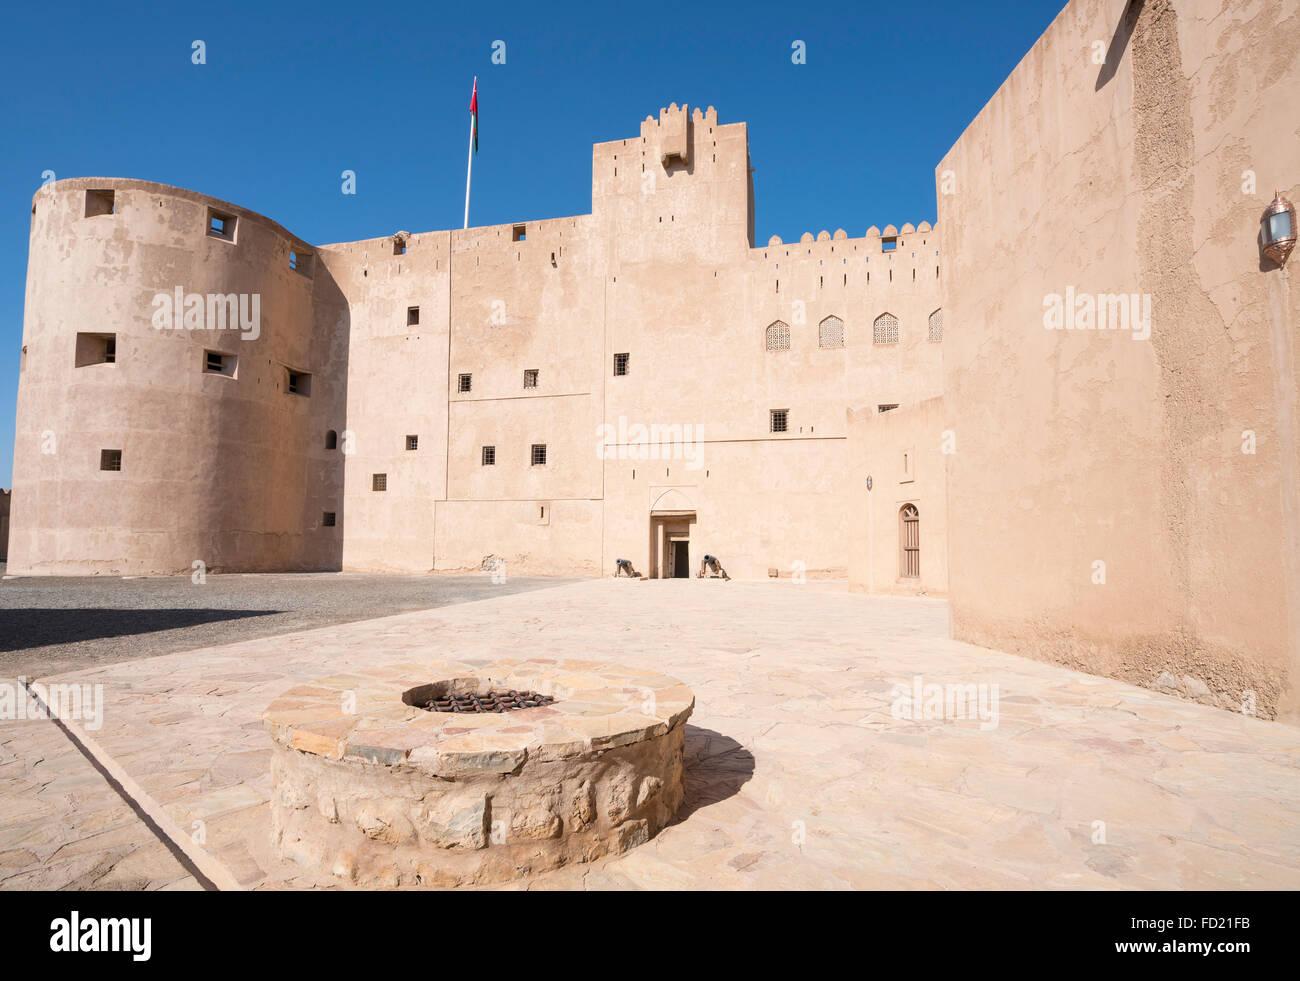 Vue extérieure de la ville historique de fort de Jabrin en Oman Photo Stock